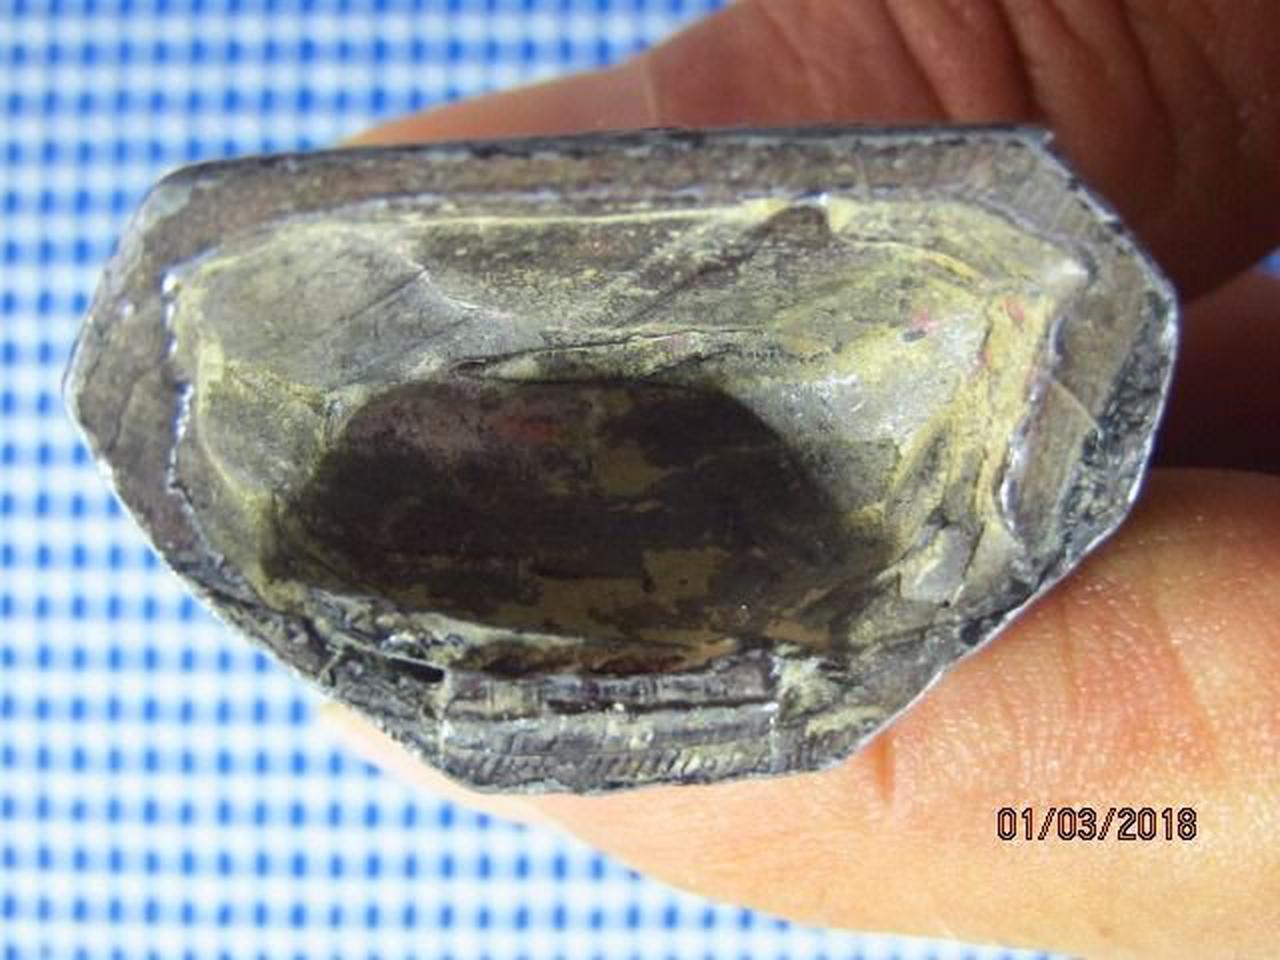 5131 พระบูชาเนื้อตะกั่วสนิมแดง ปิดทองเก่า ฐานกว้าง 1.4 นิ้ว  รูปที่ 1